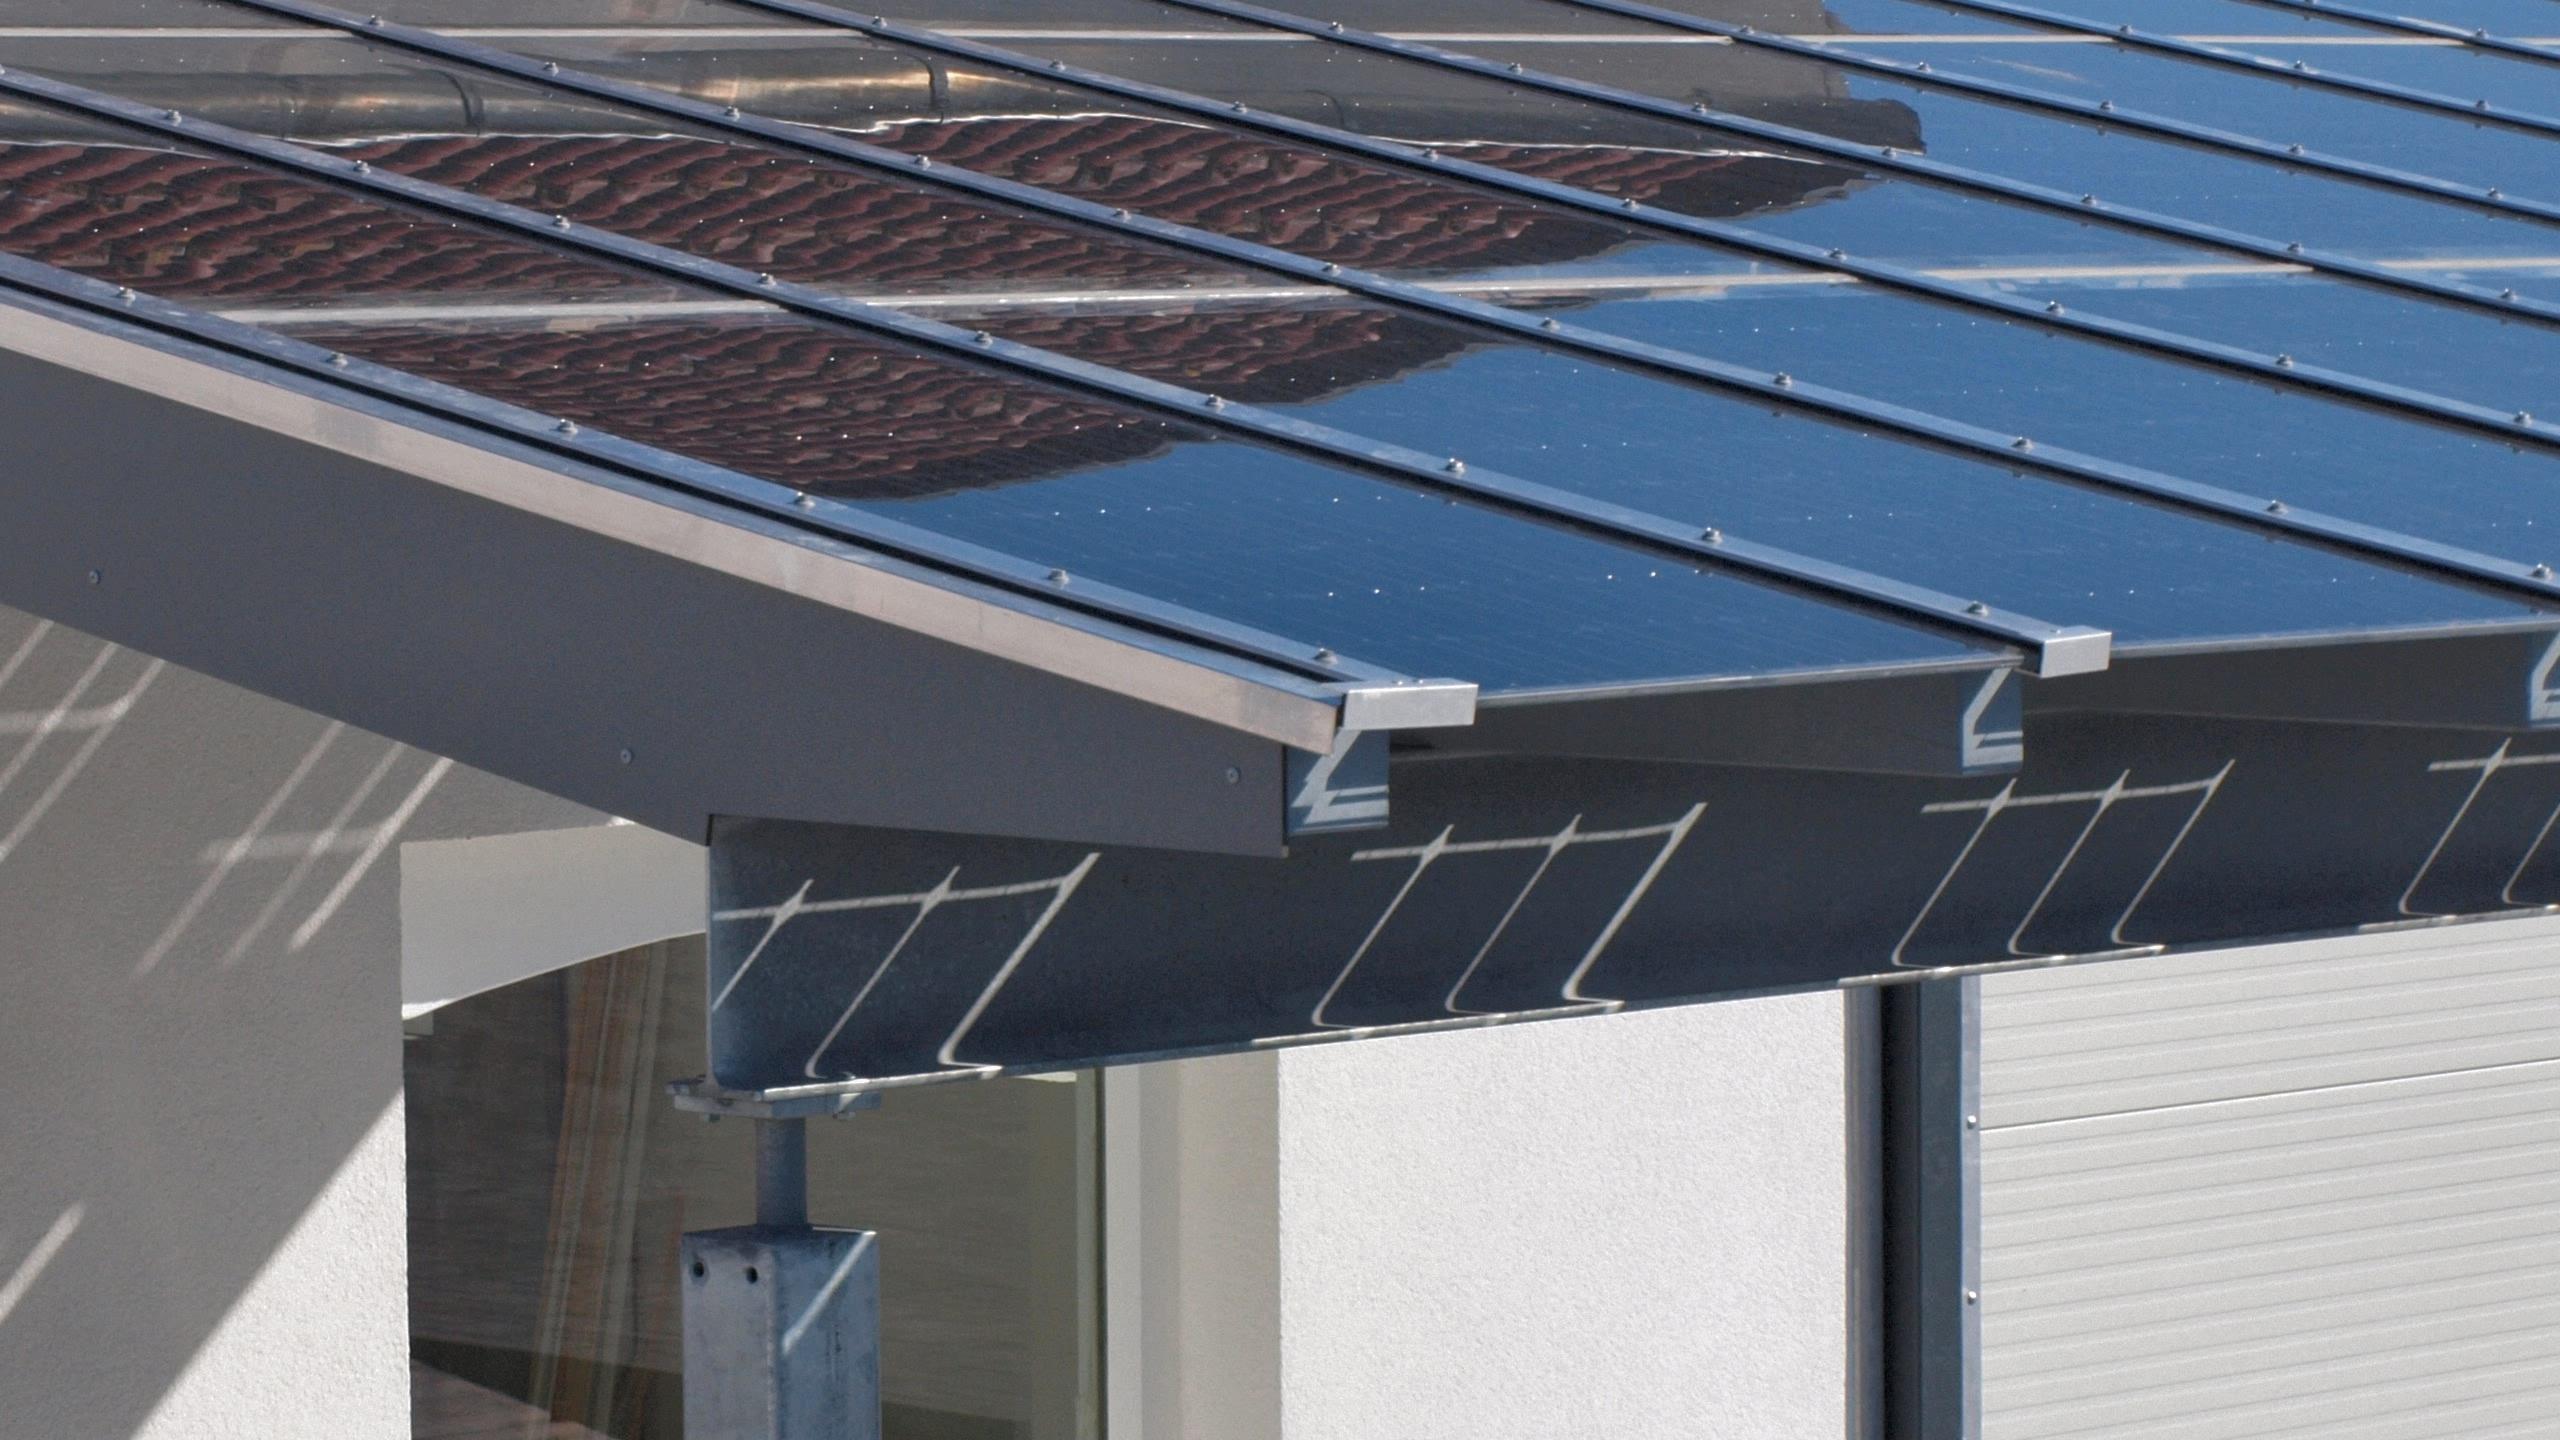 Miraculous Solarterrassen Gallery Of Solar Terrasse By Solar Terrasse Trendy Blick